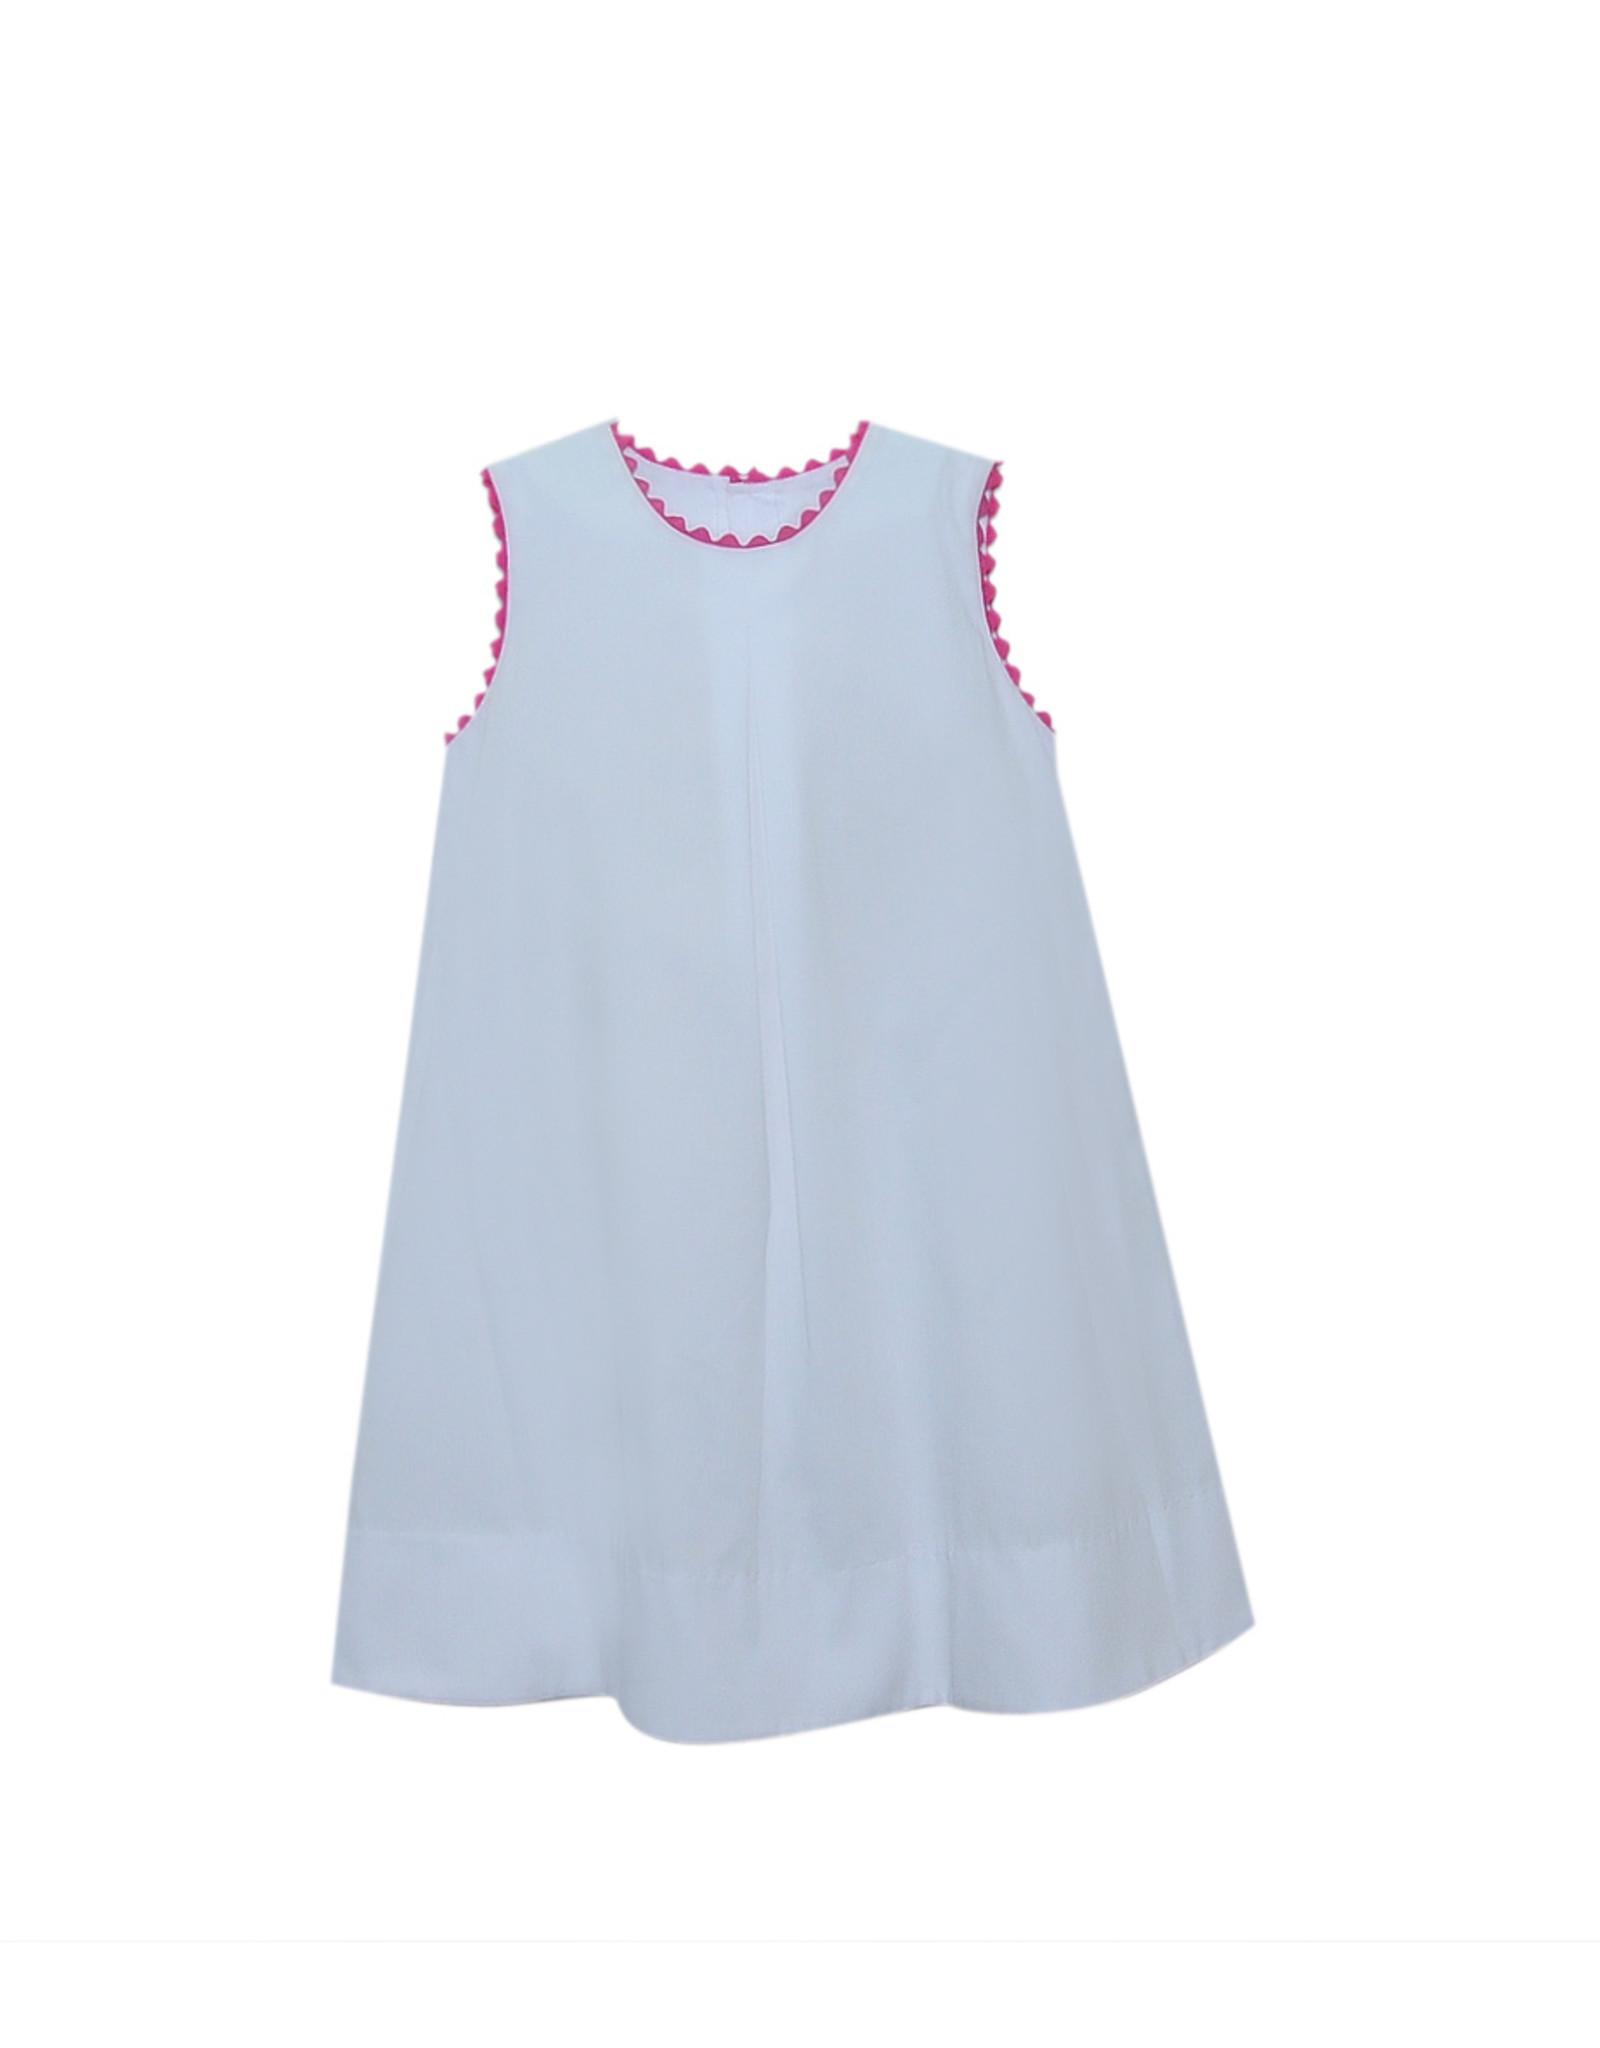 LullabySet Caroline White Dress With Pink Ric Rac